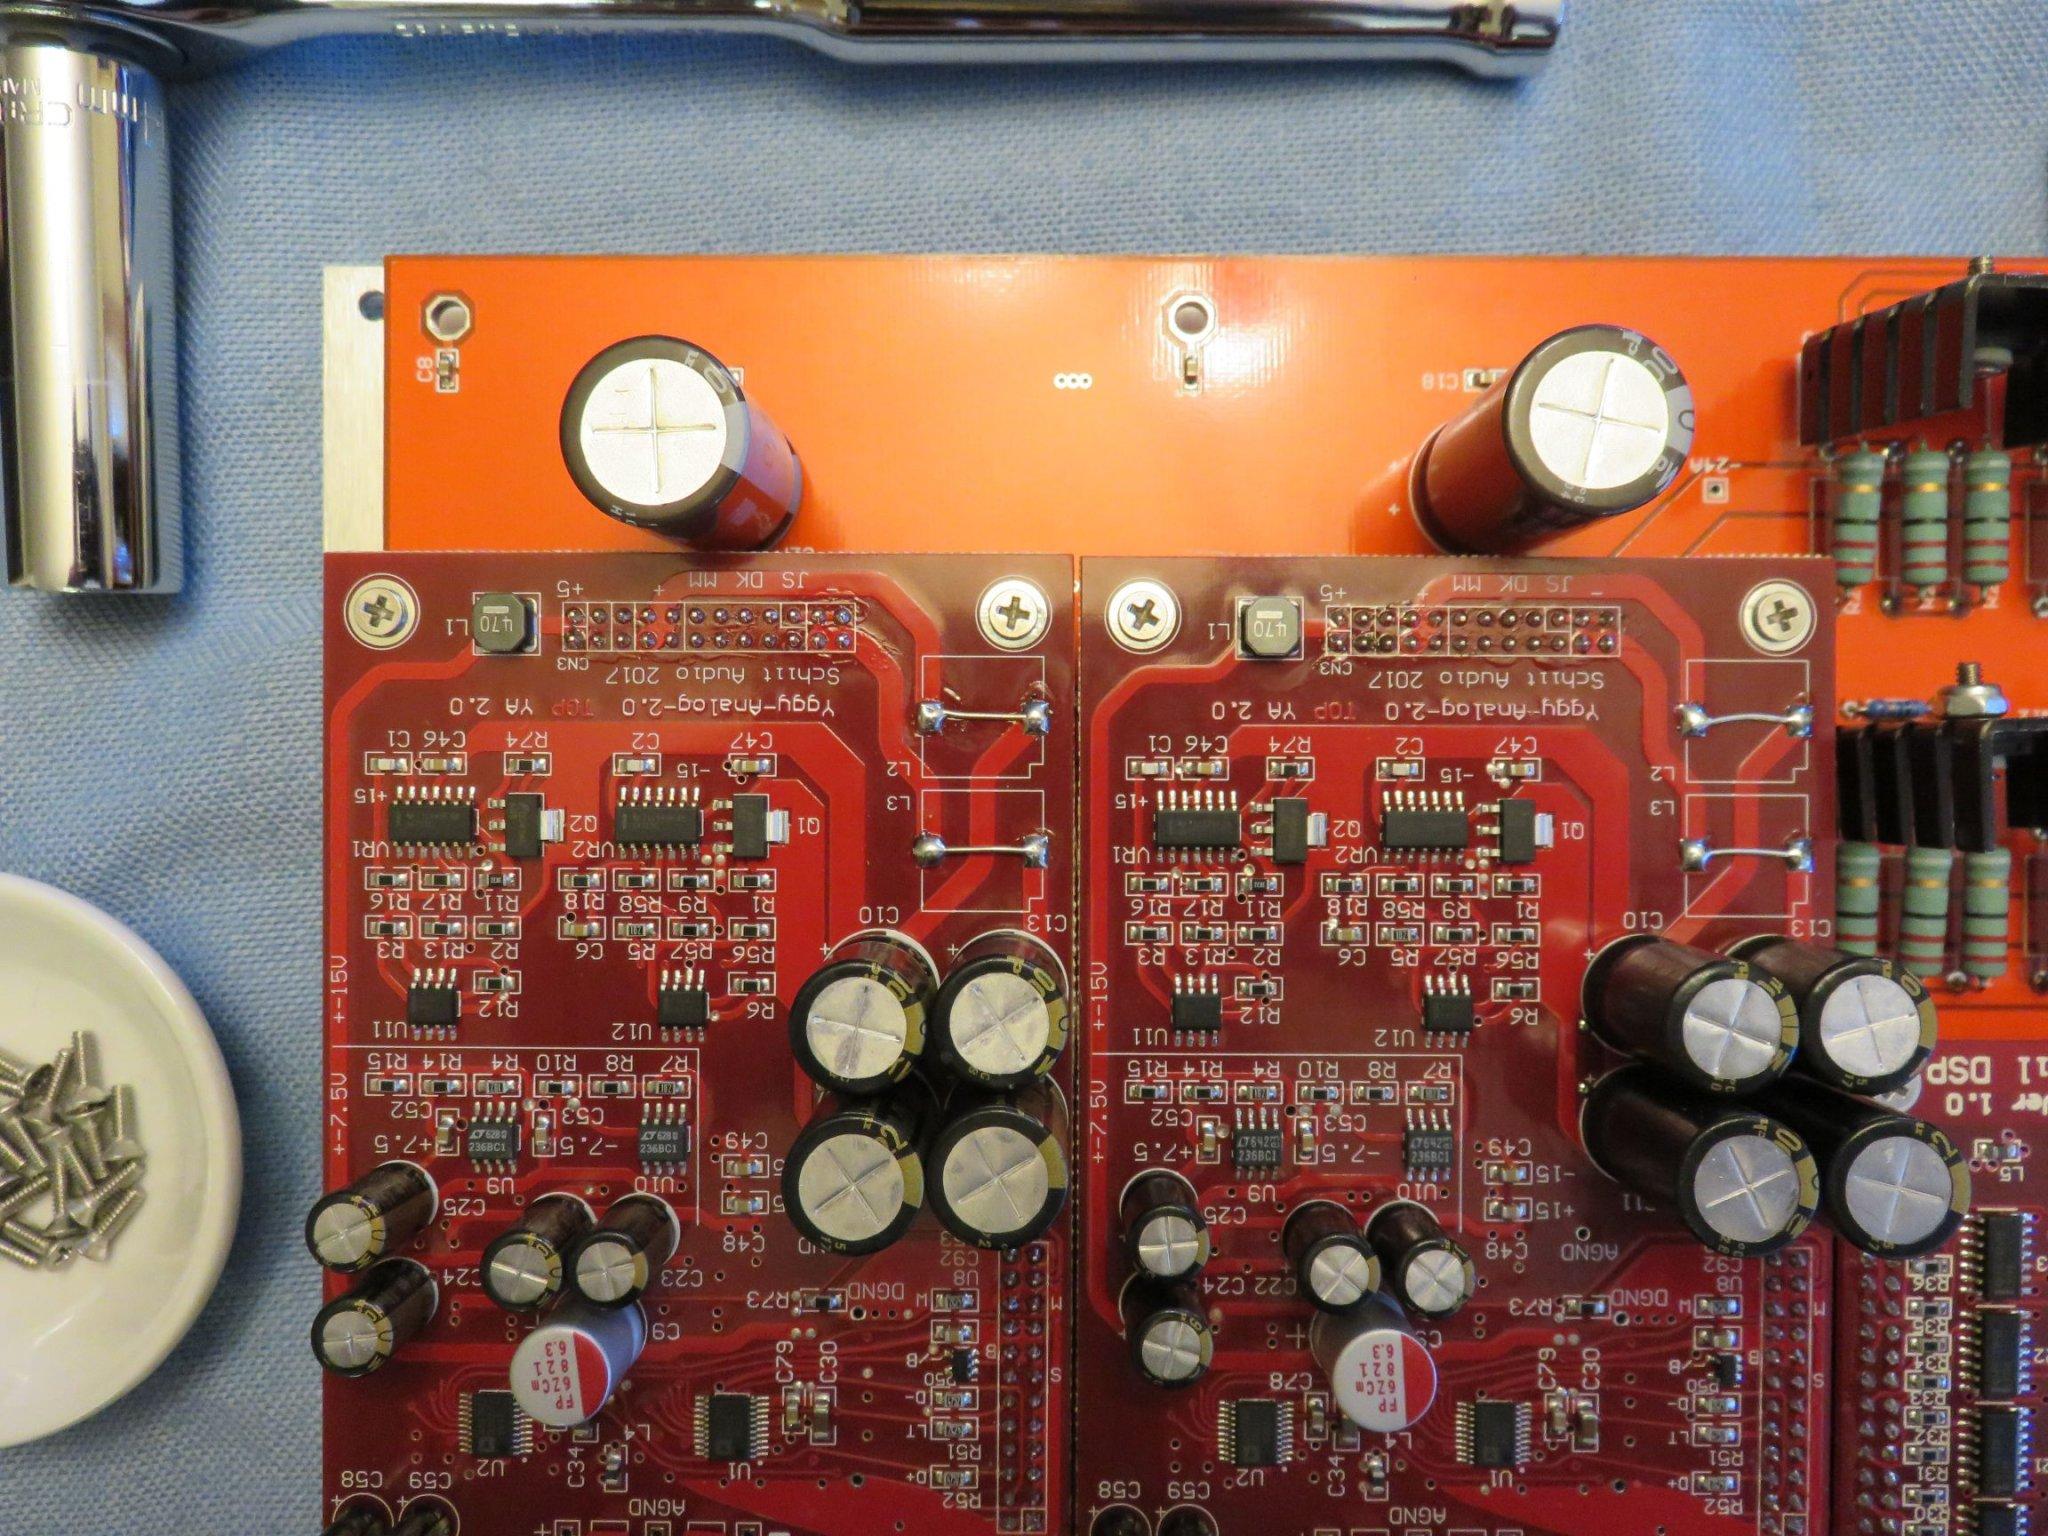 yggdrasil v2 - closeup v2 analog PCB.jpg